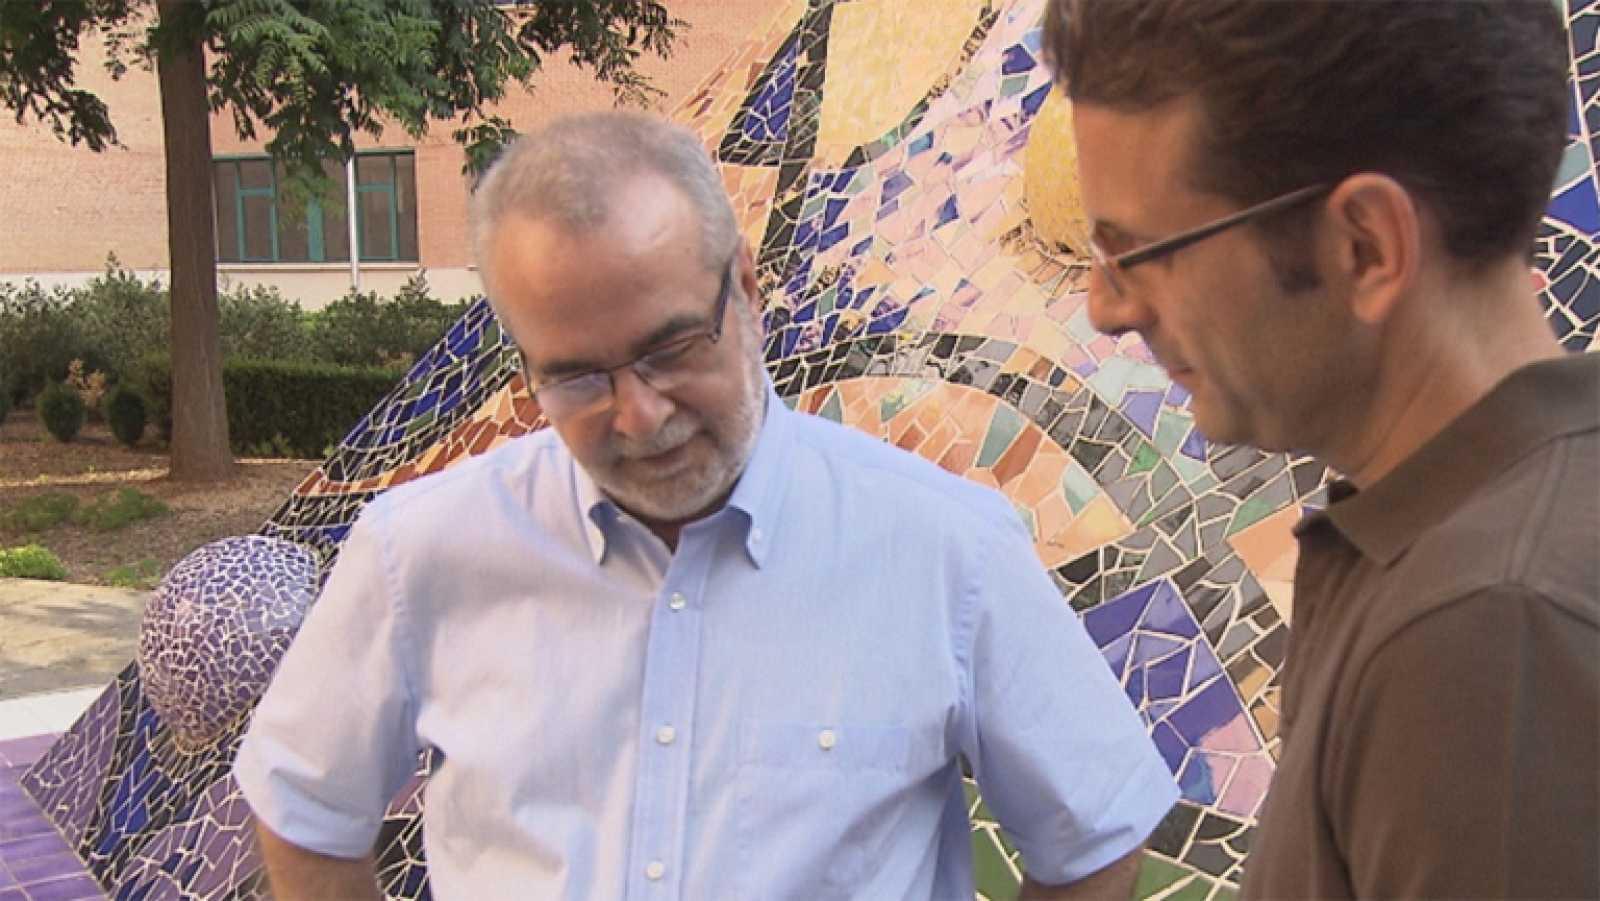 Jordi Adell: La tecnología al servicio del maestro - Ver ahora